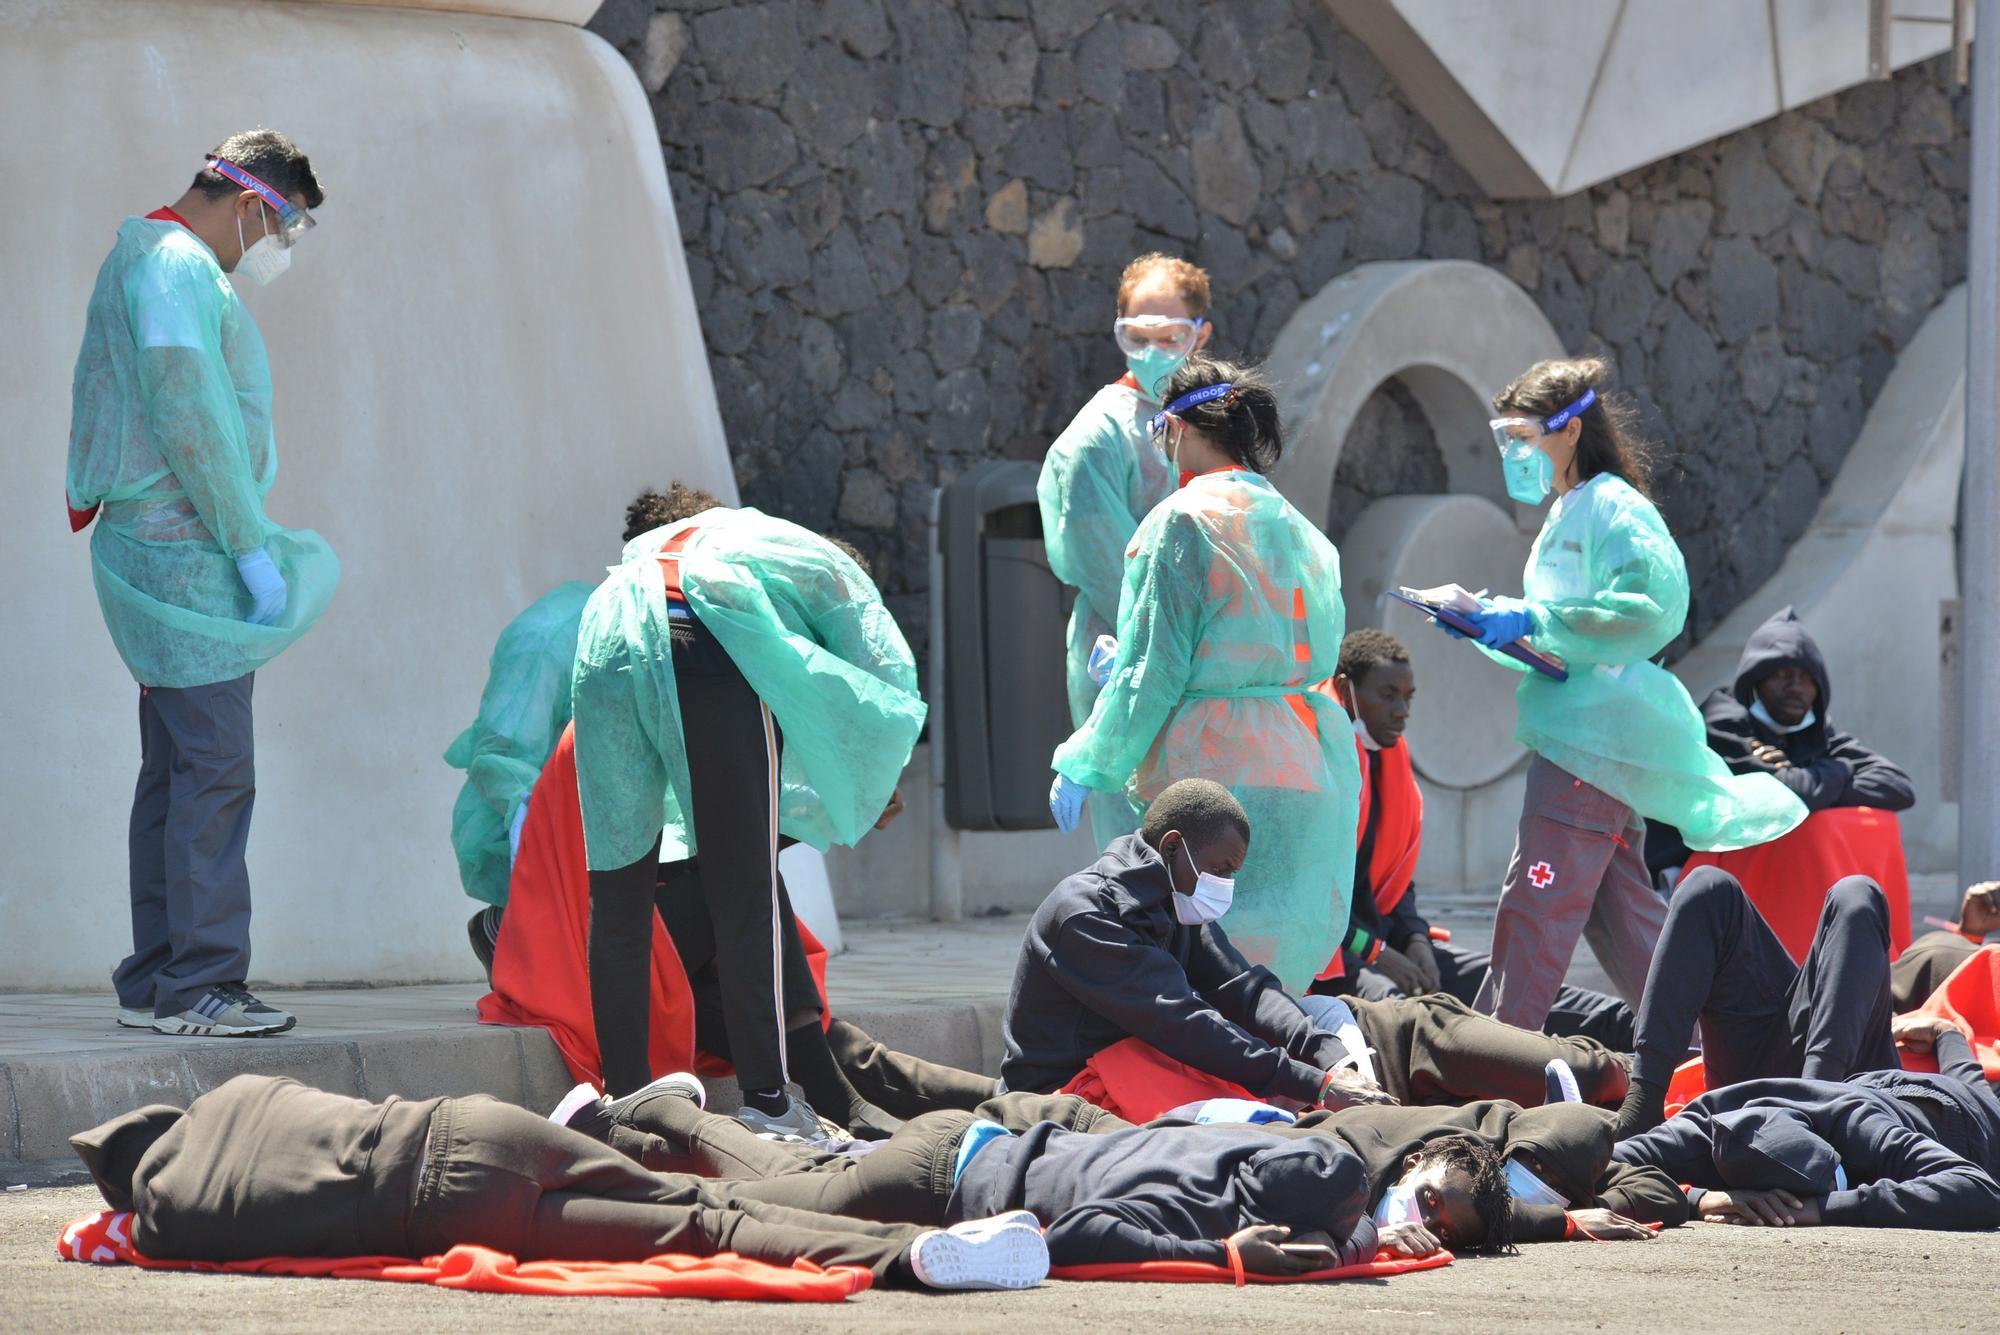 Un cayuco con unas 30 personas llega por sus medios al puerto de La Restinga